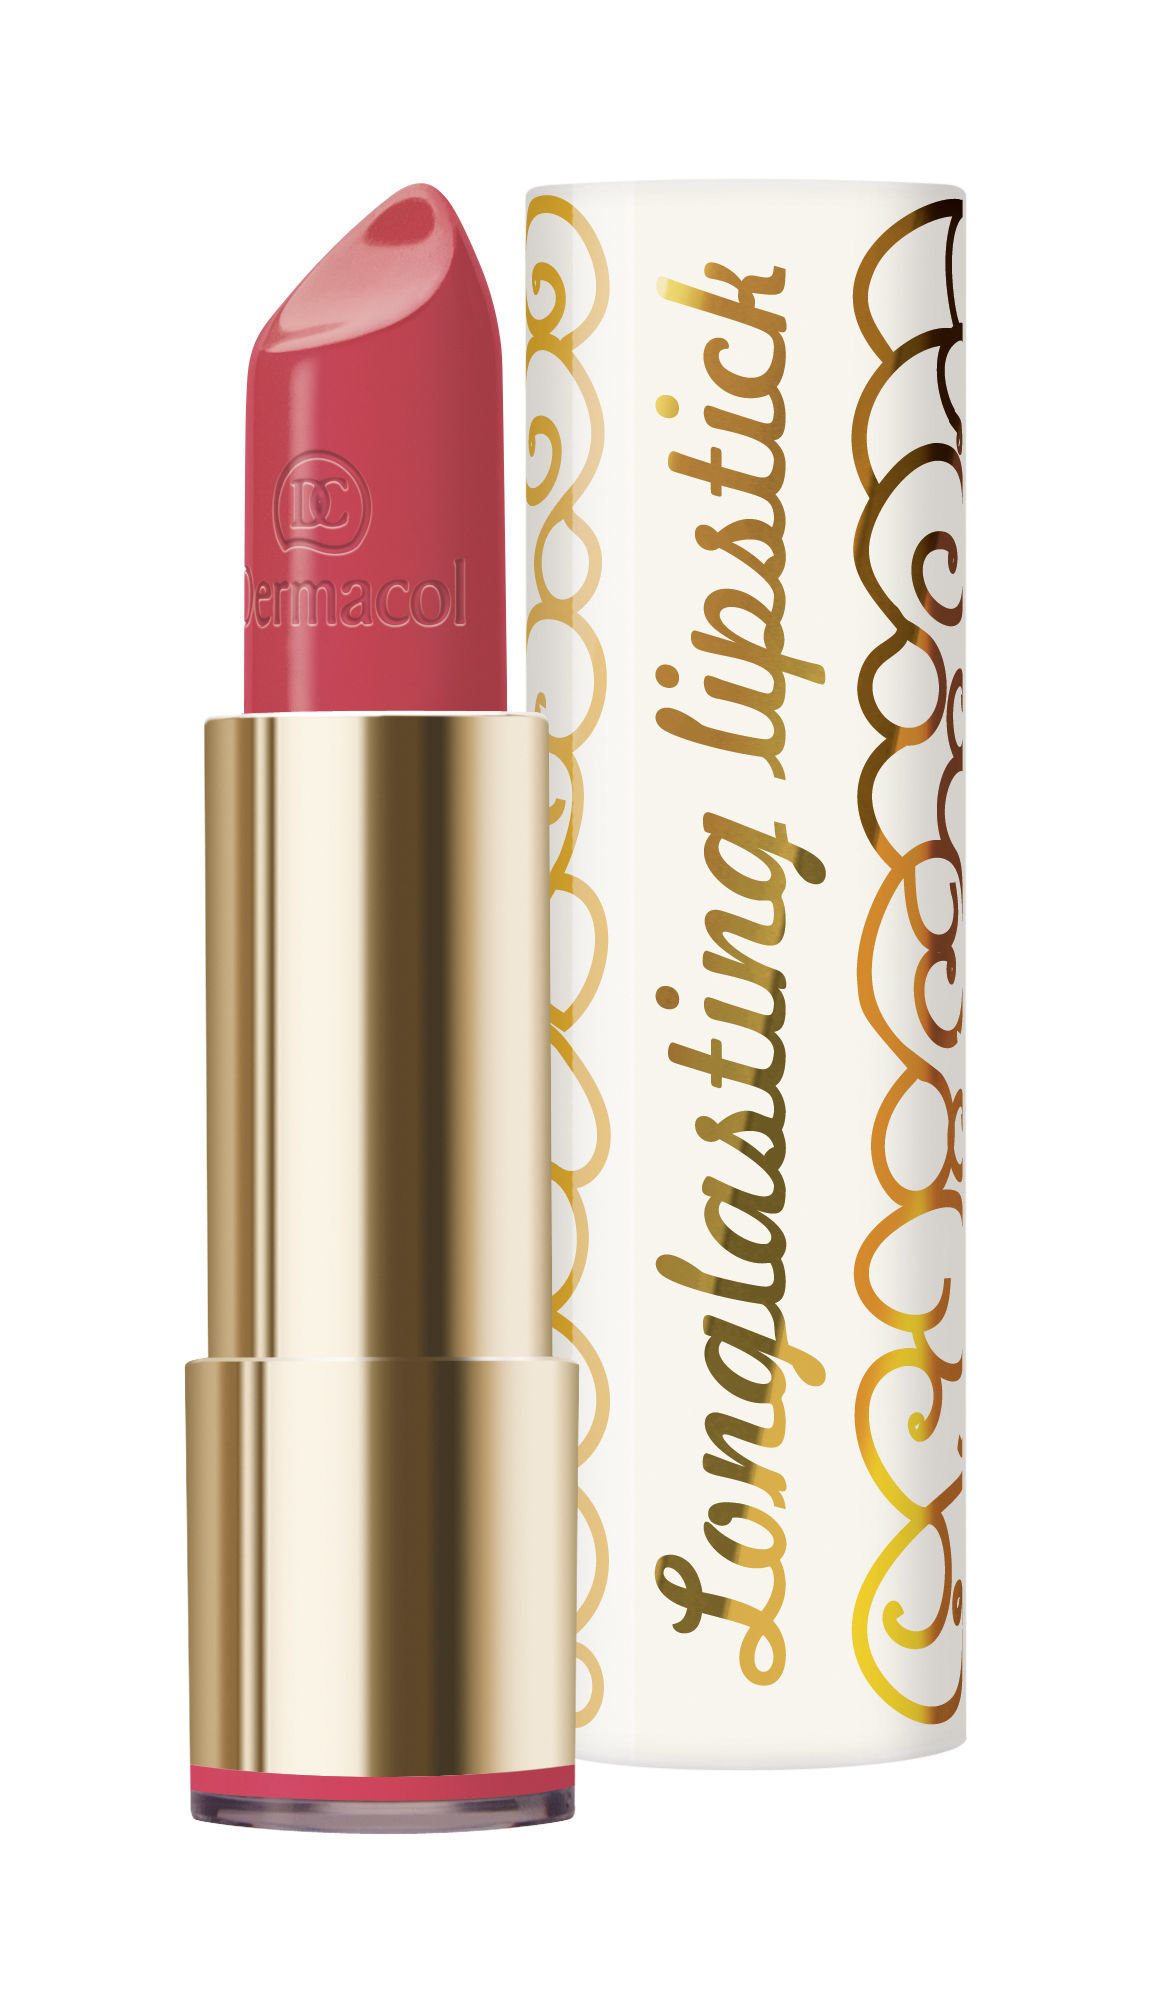 Dermacol Longlasting Cosmetic 4,8ml 10